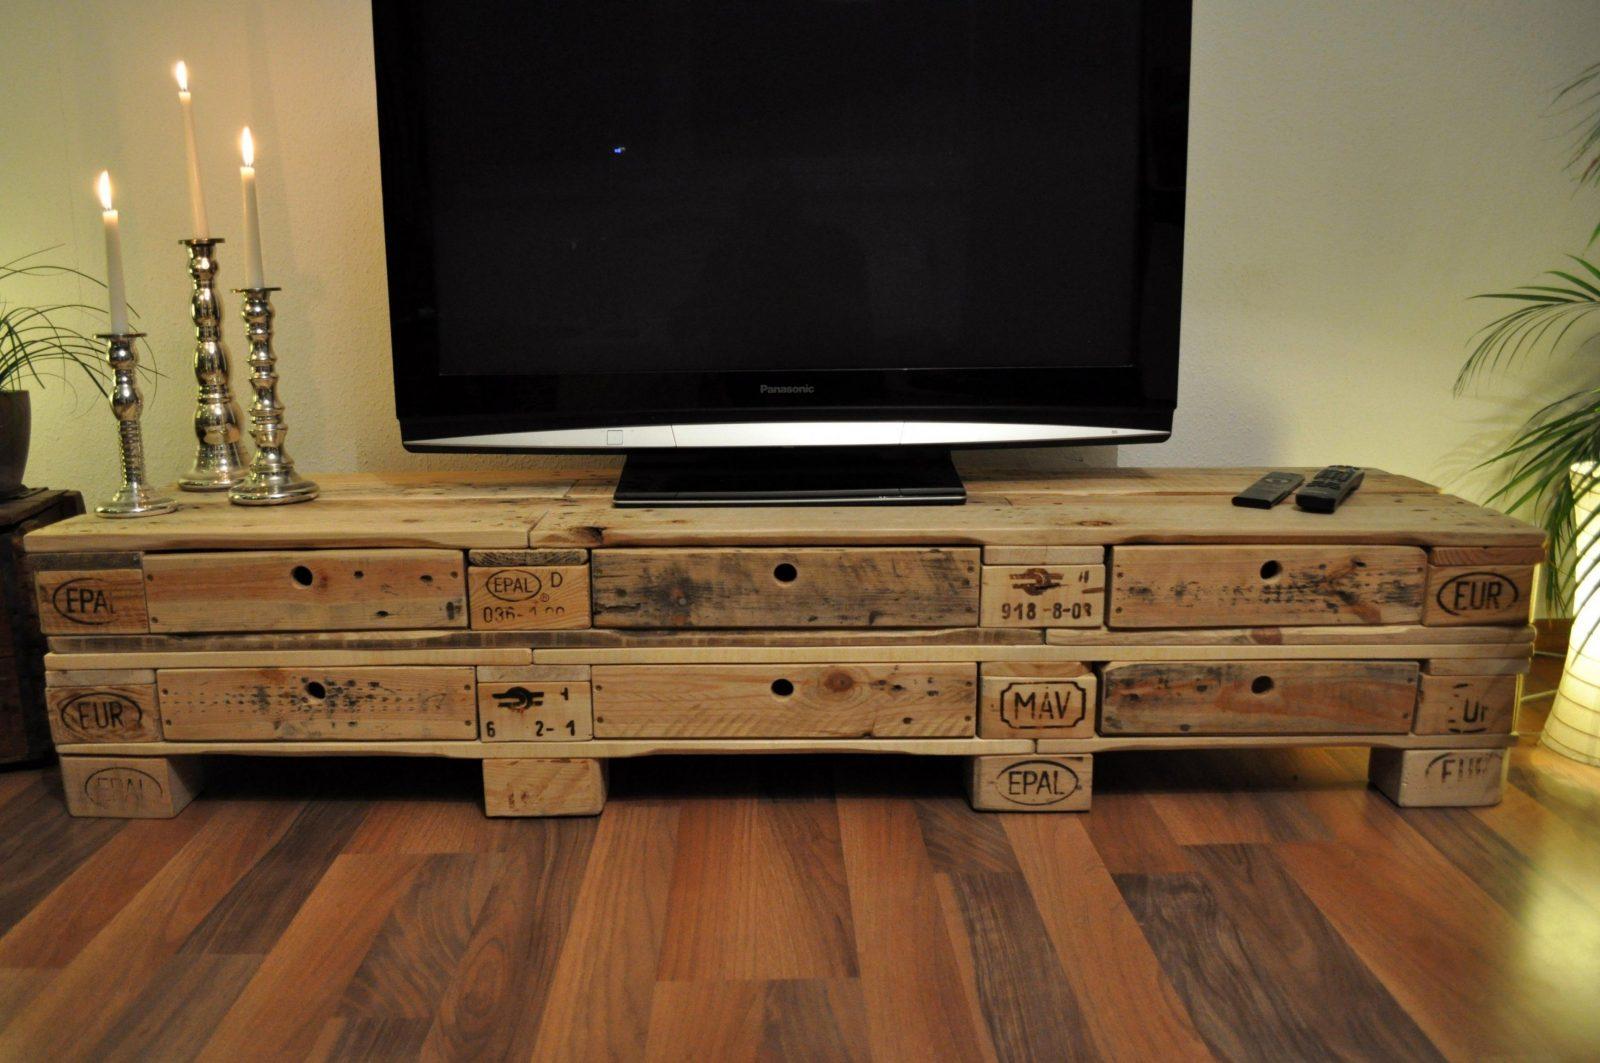 Wunderbar Tv Möbel Aus Europaletten Zum Schrank Aus Paletten von Tv Möbel Aus Europaletten Photo